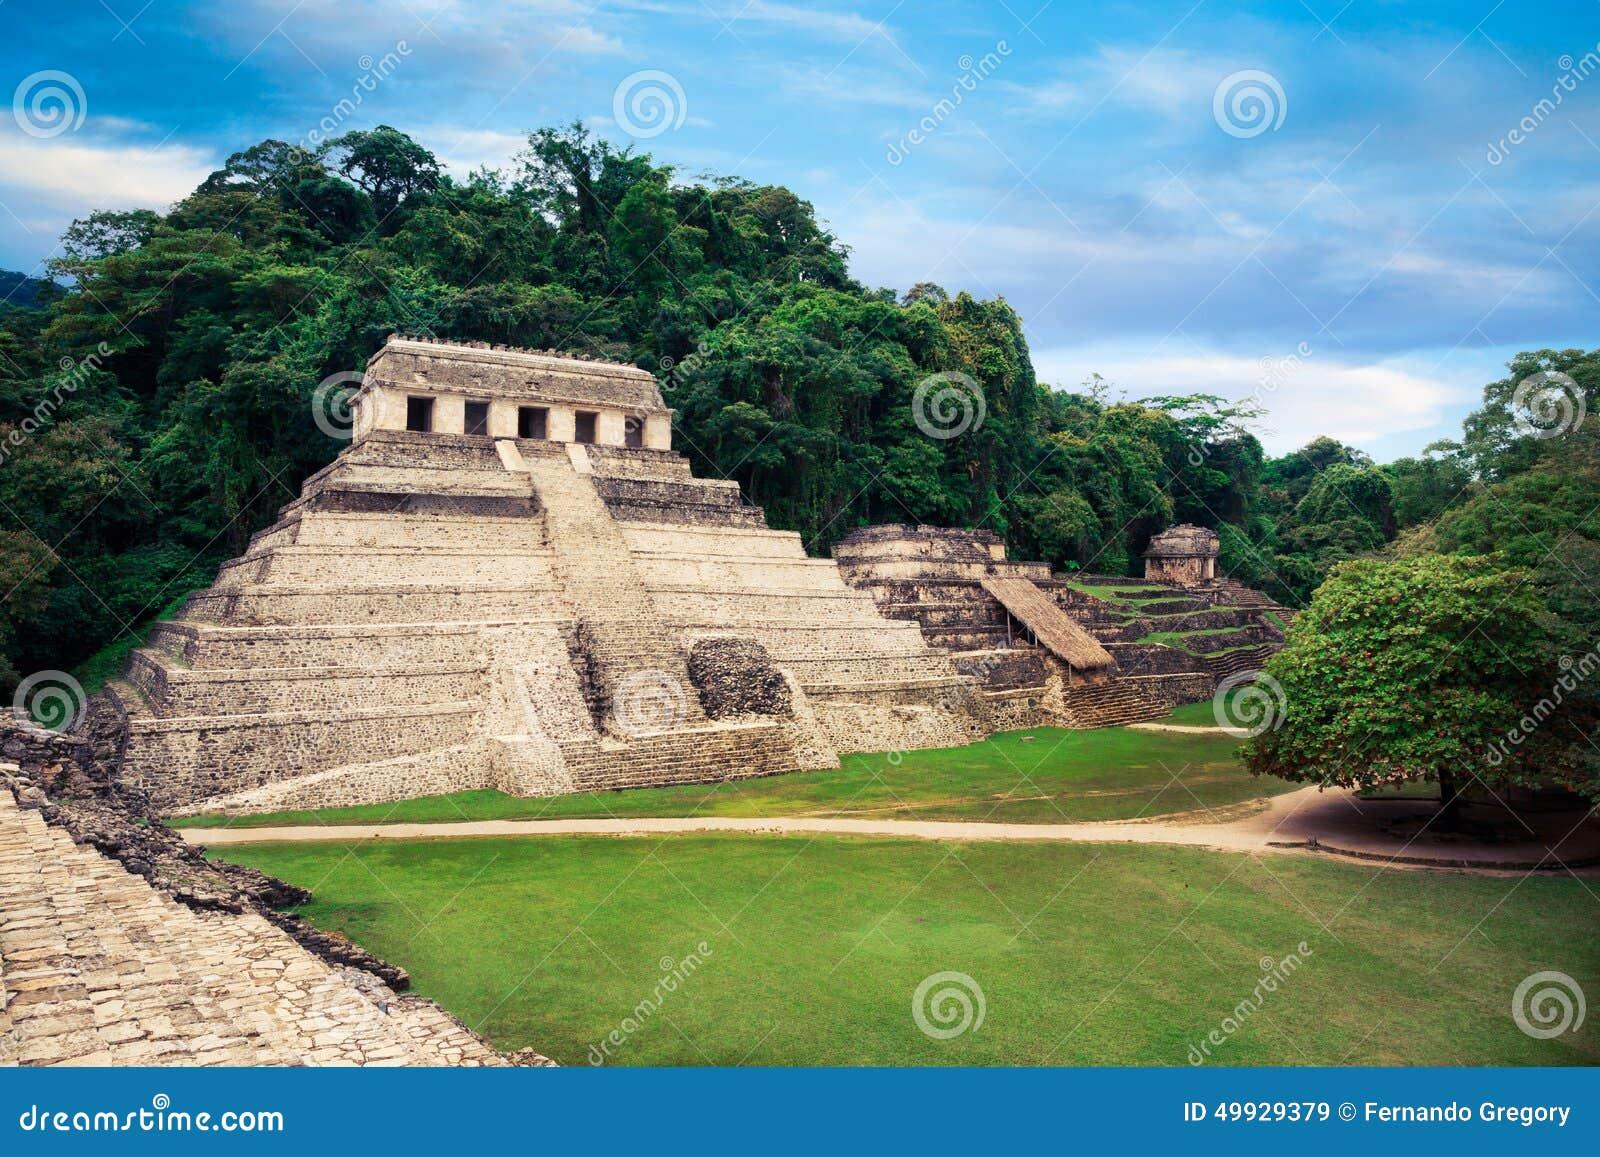 Наблюдательная вышка дворца в Palenque, городе Майя в Чьяпасе, Мексике